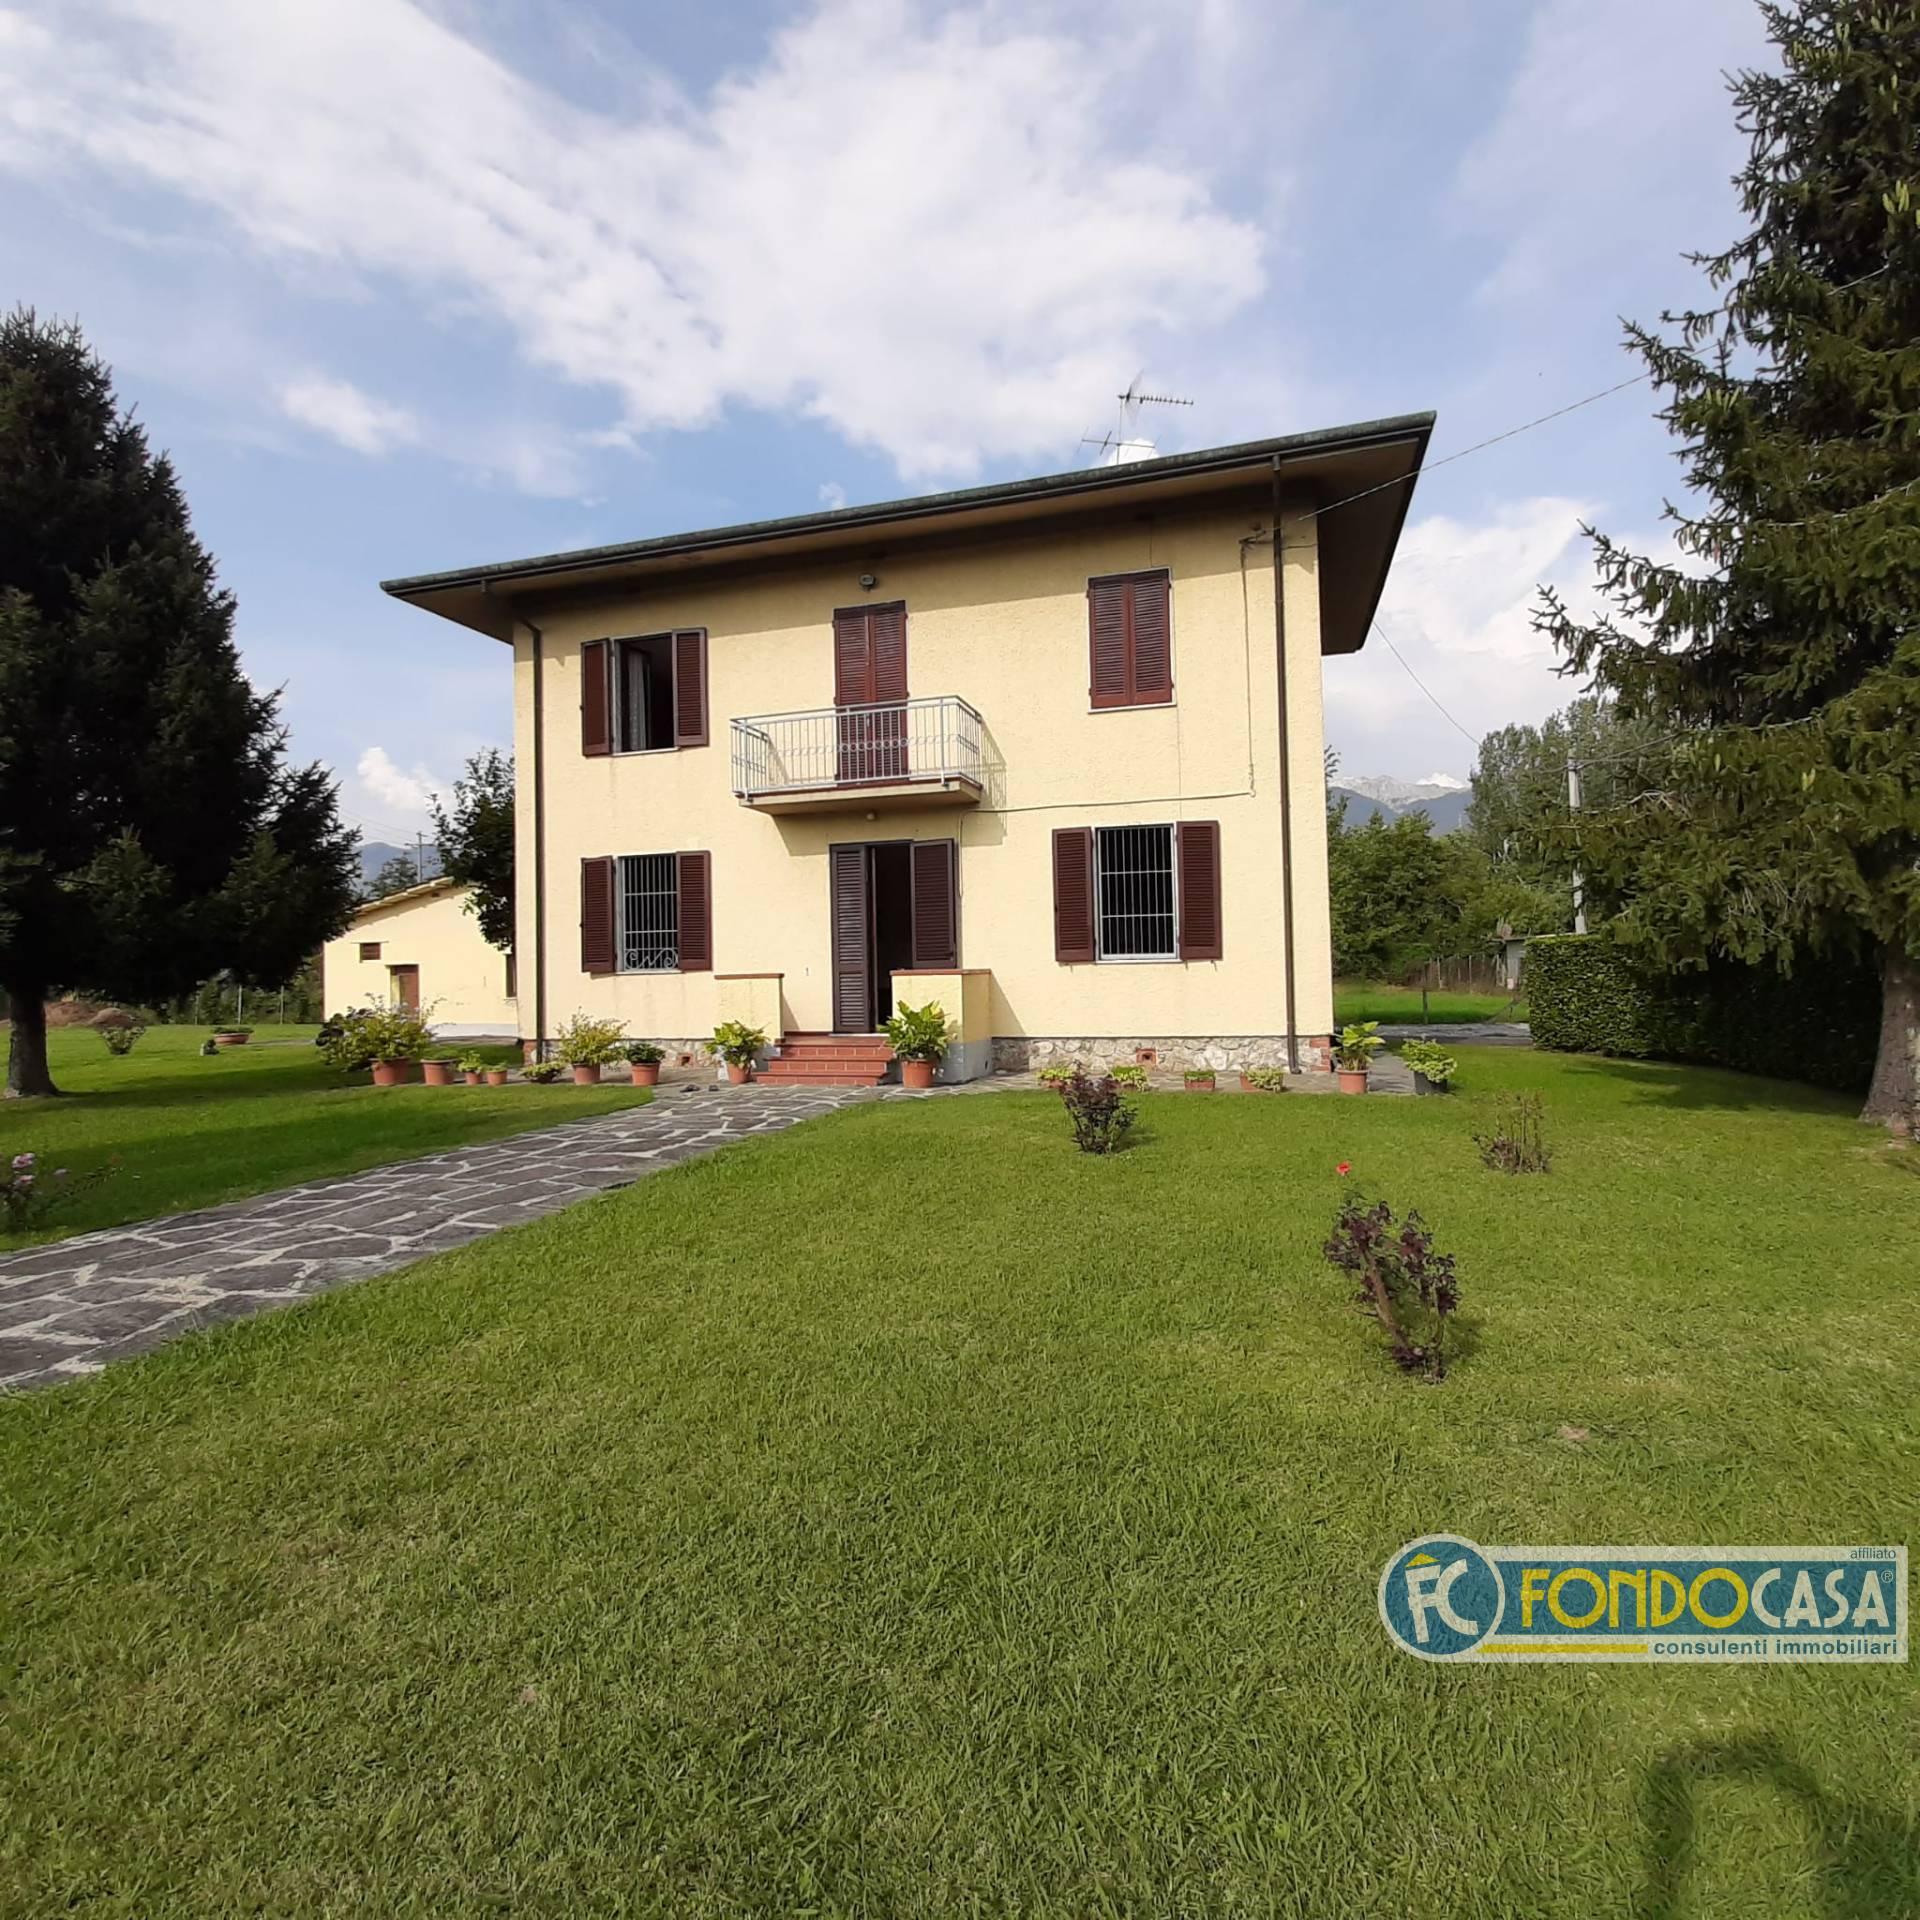 Rustico / Casale in vendita a Montignoso, 5 locali, zona Zona: Cinquale, prezzo € 314.900   CambioCasa.it